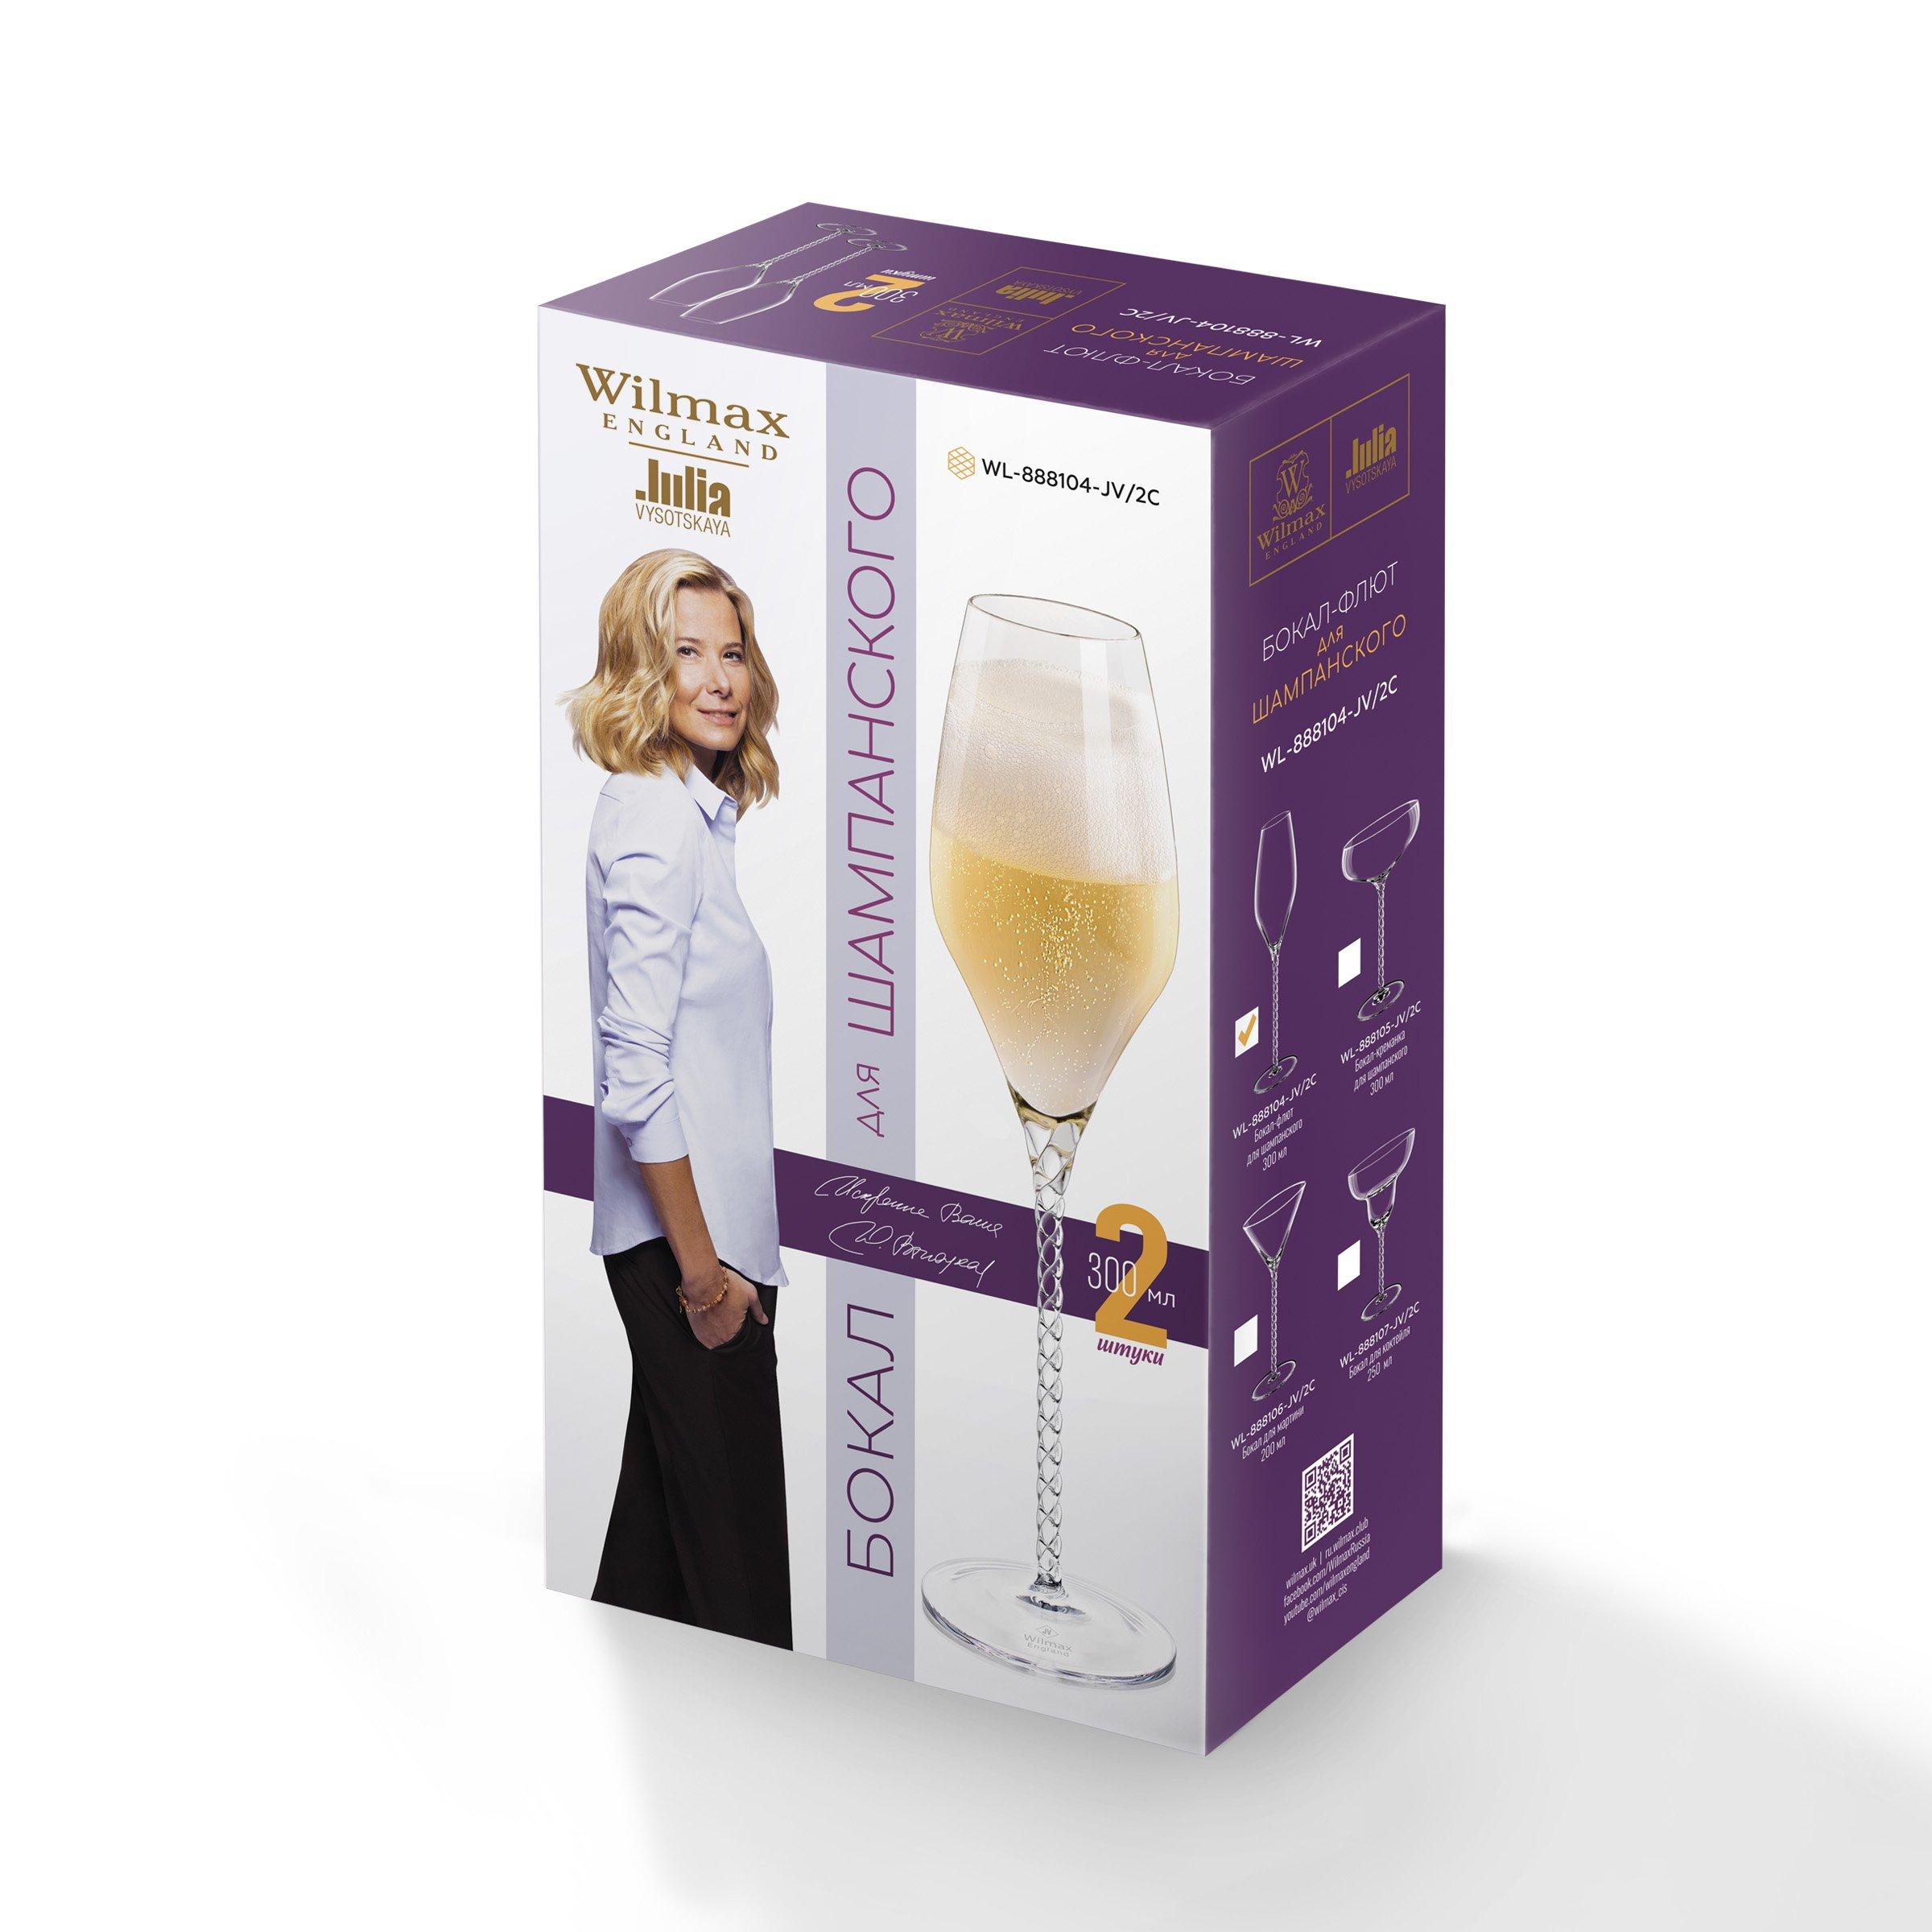 Набор бокалов 300 мл от Юлии Высоцкой Wilmax флюте для шампанского 2 шт цв. уп.